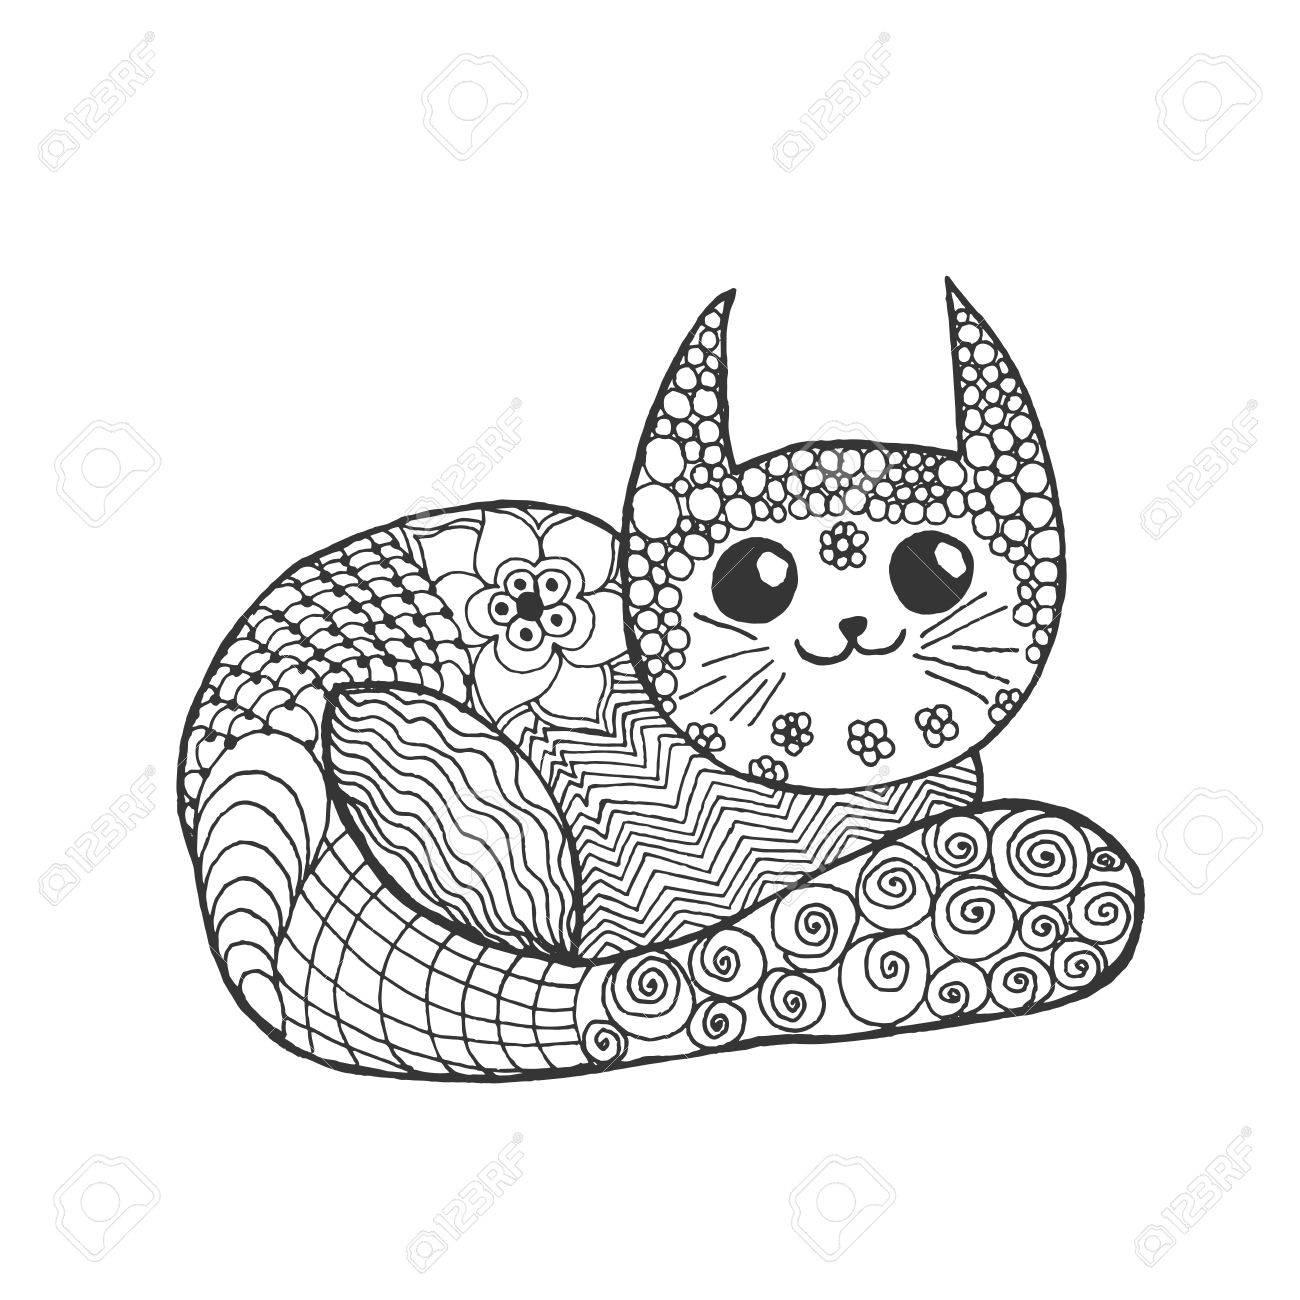 Süße Kätzchen. Schwarz-weiße Hand Doodle Tier Gezogen. Ethnische ...